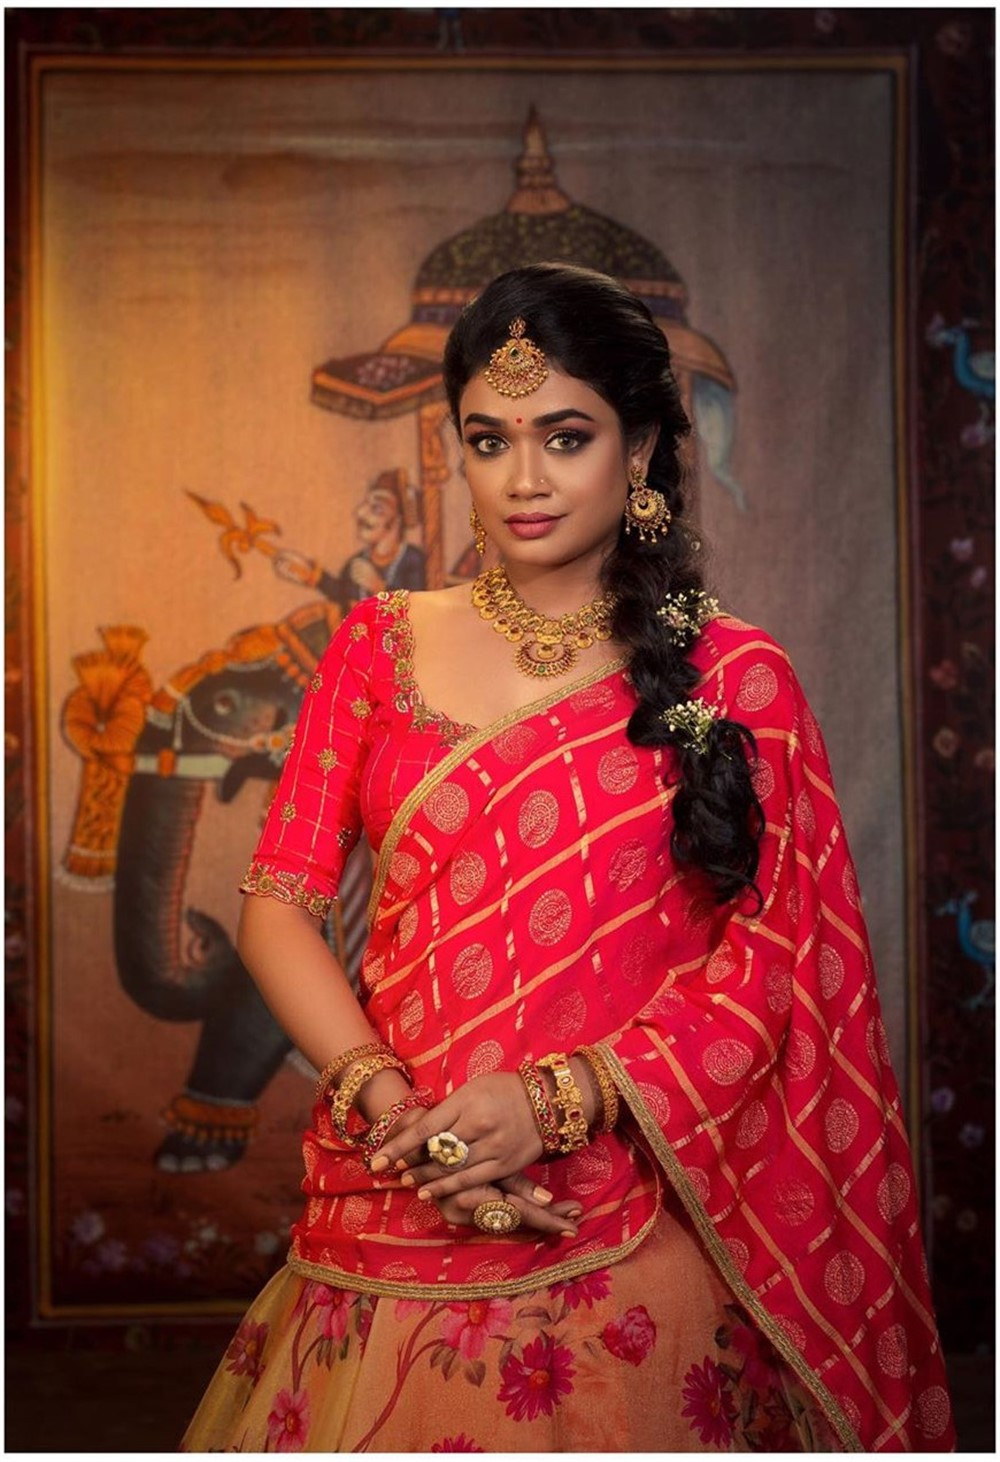 Actress Swayam Siddha Saree Photoshoot Images